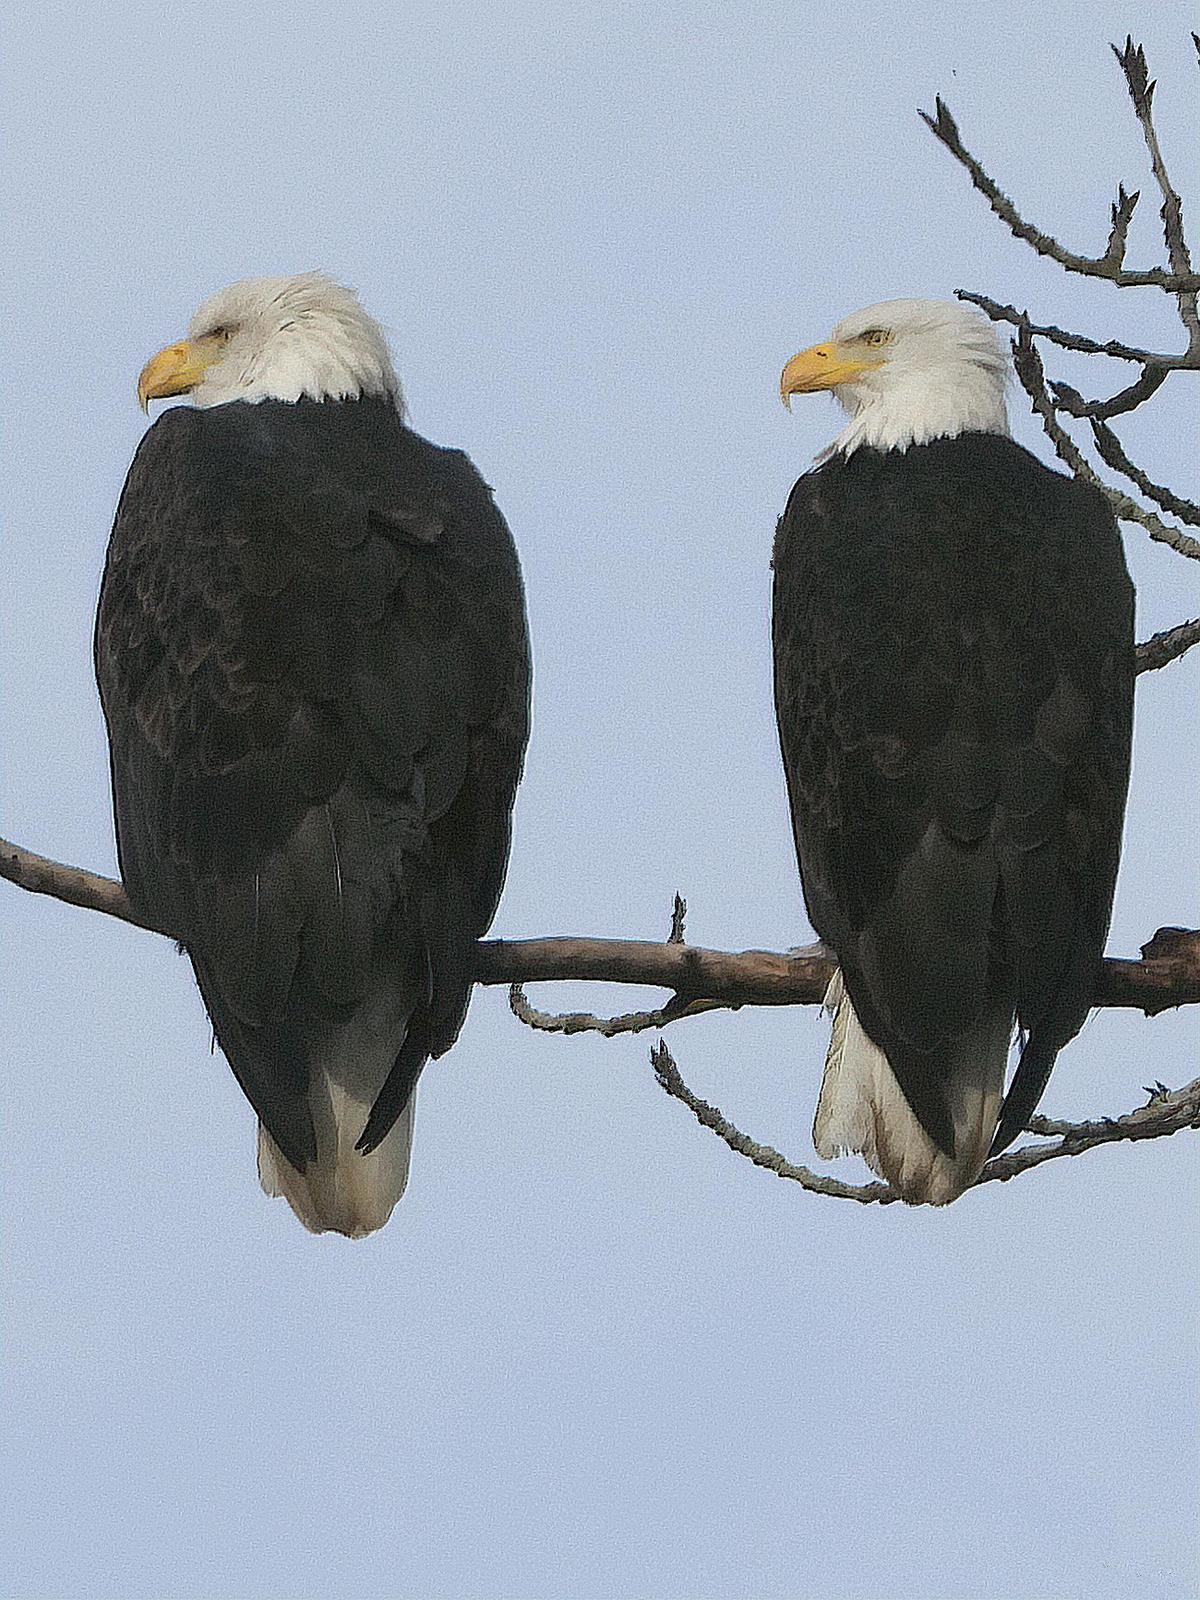 Bald Eagle Photo by Dan Tallman